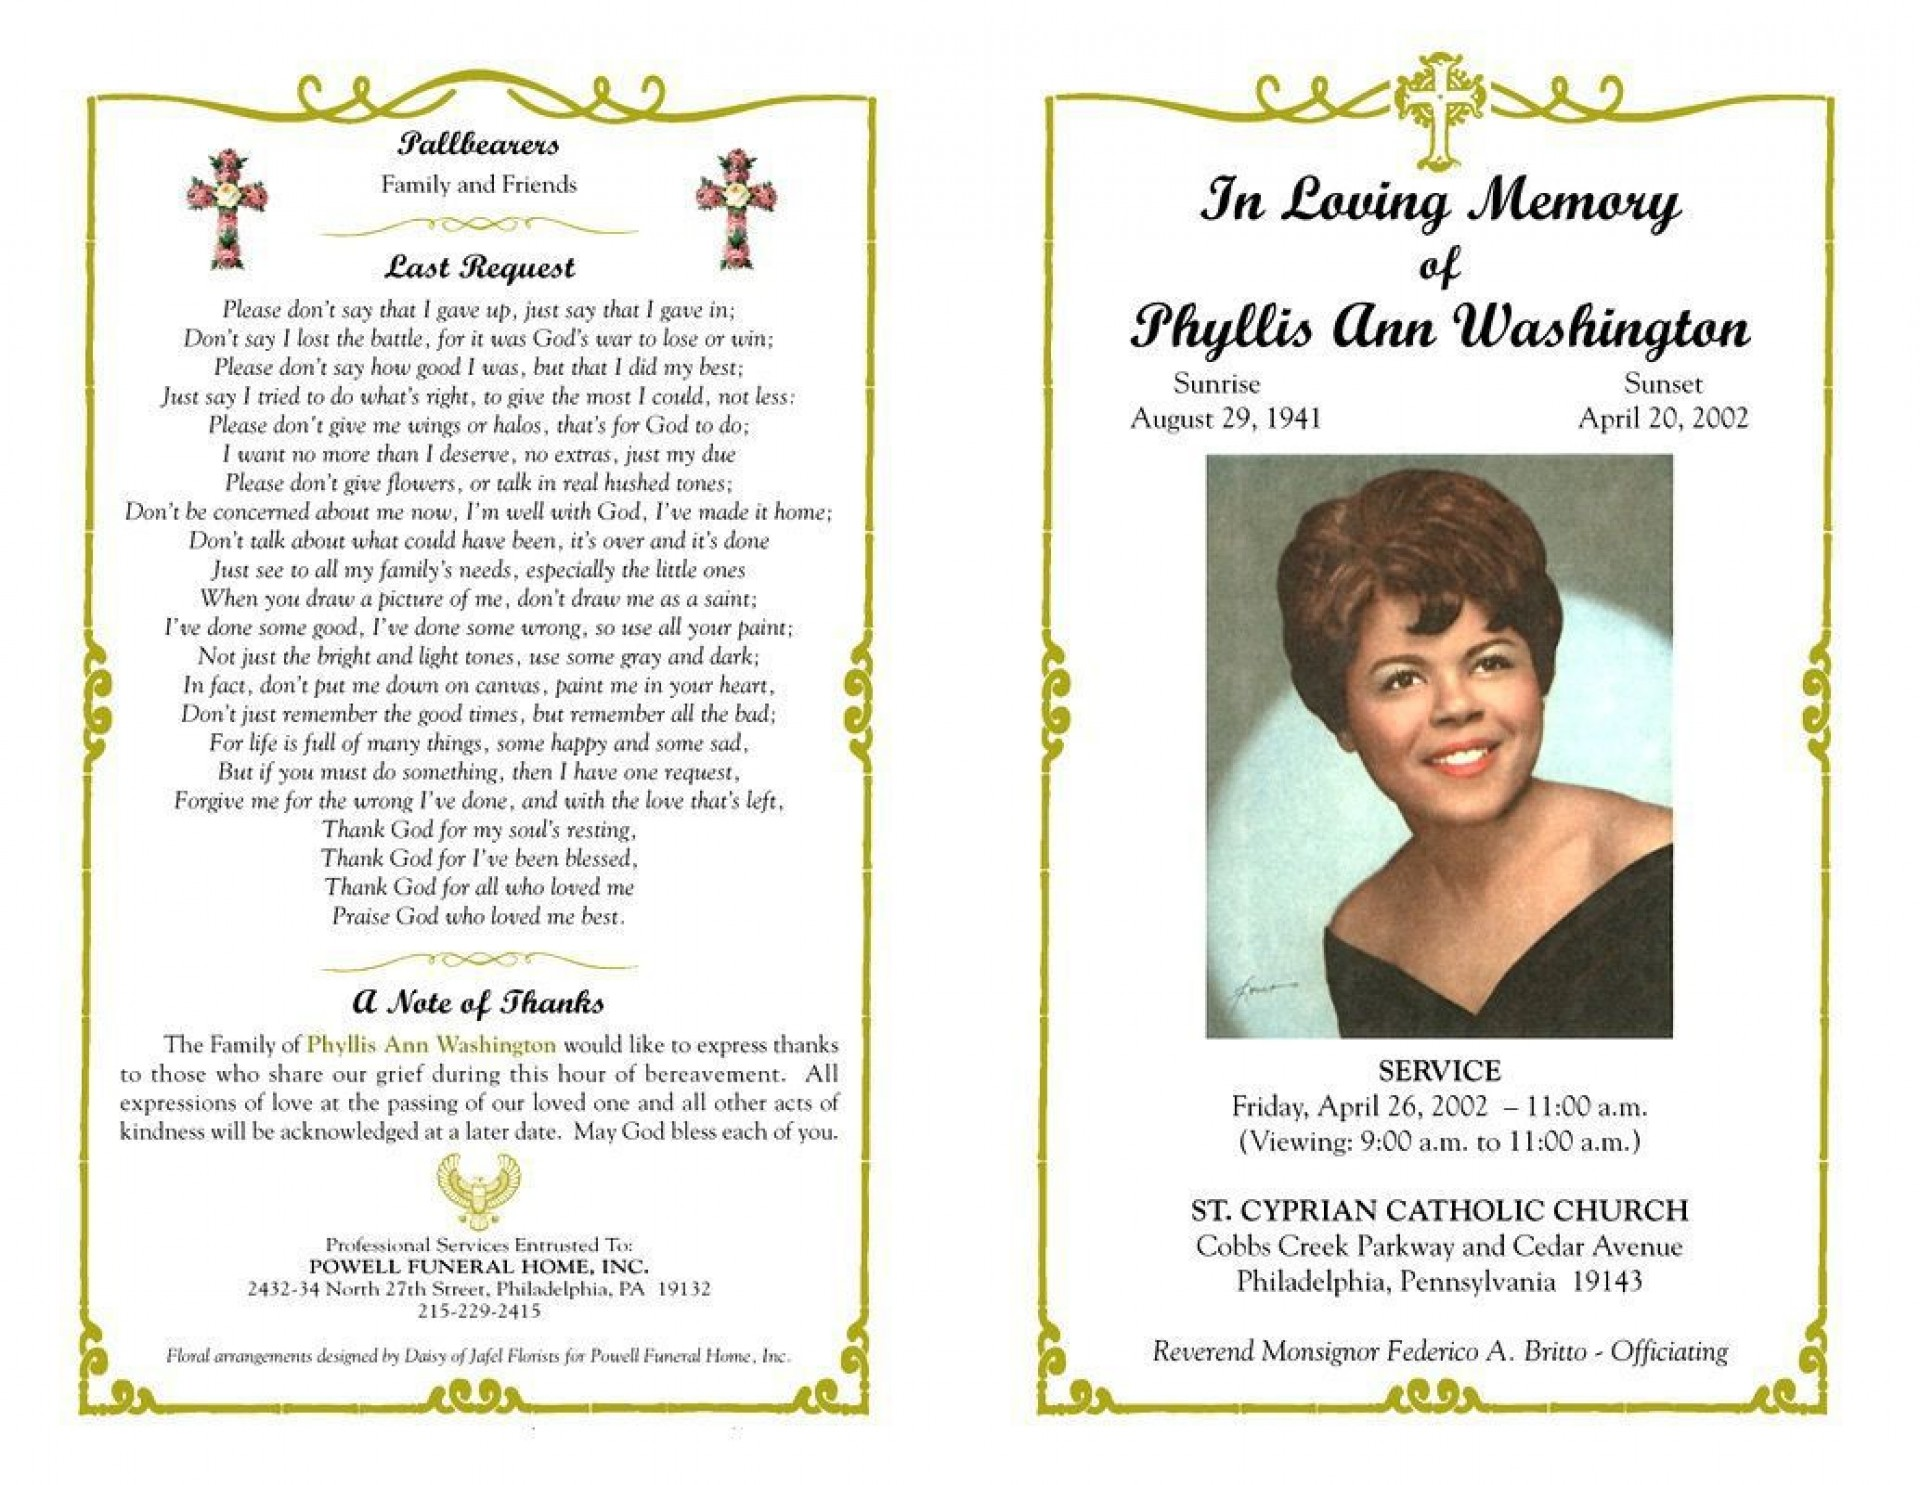 004 Singular Sample Wording For Funeral Program Photo  Programs1920